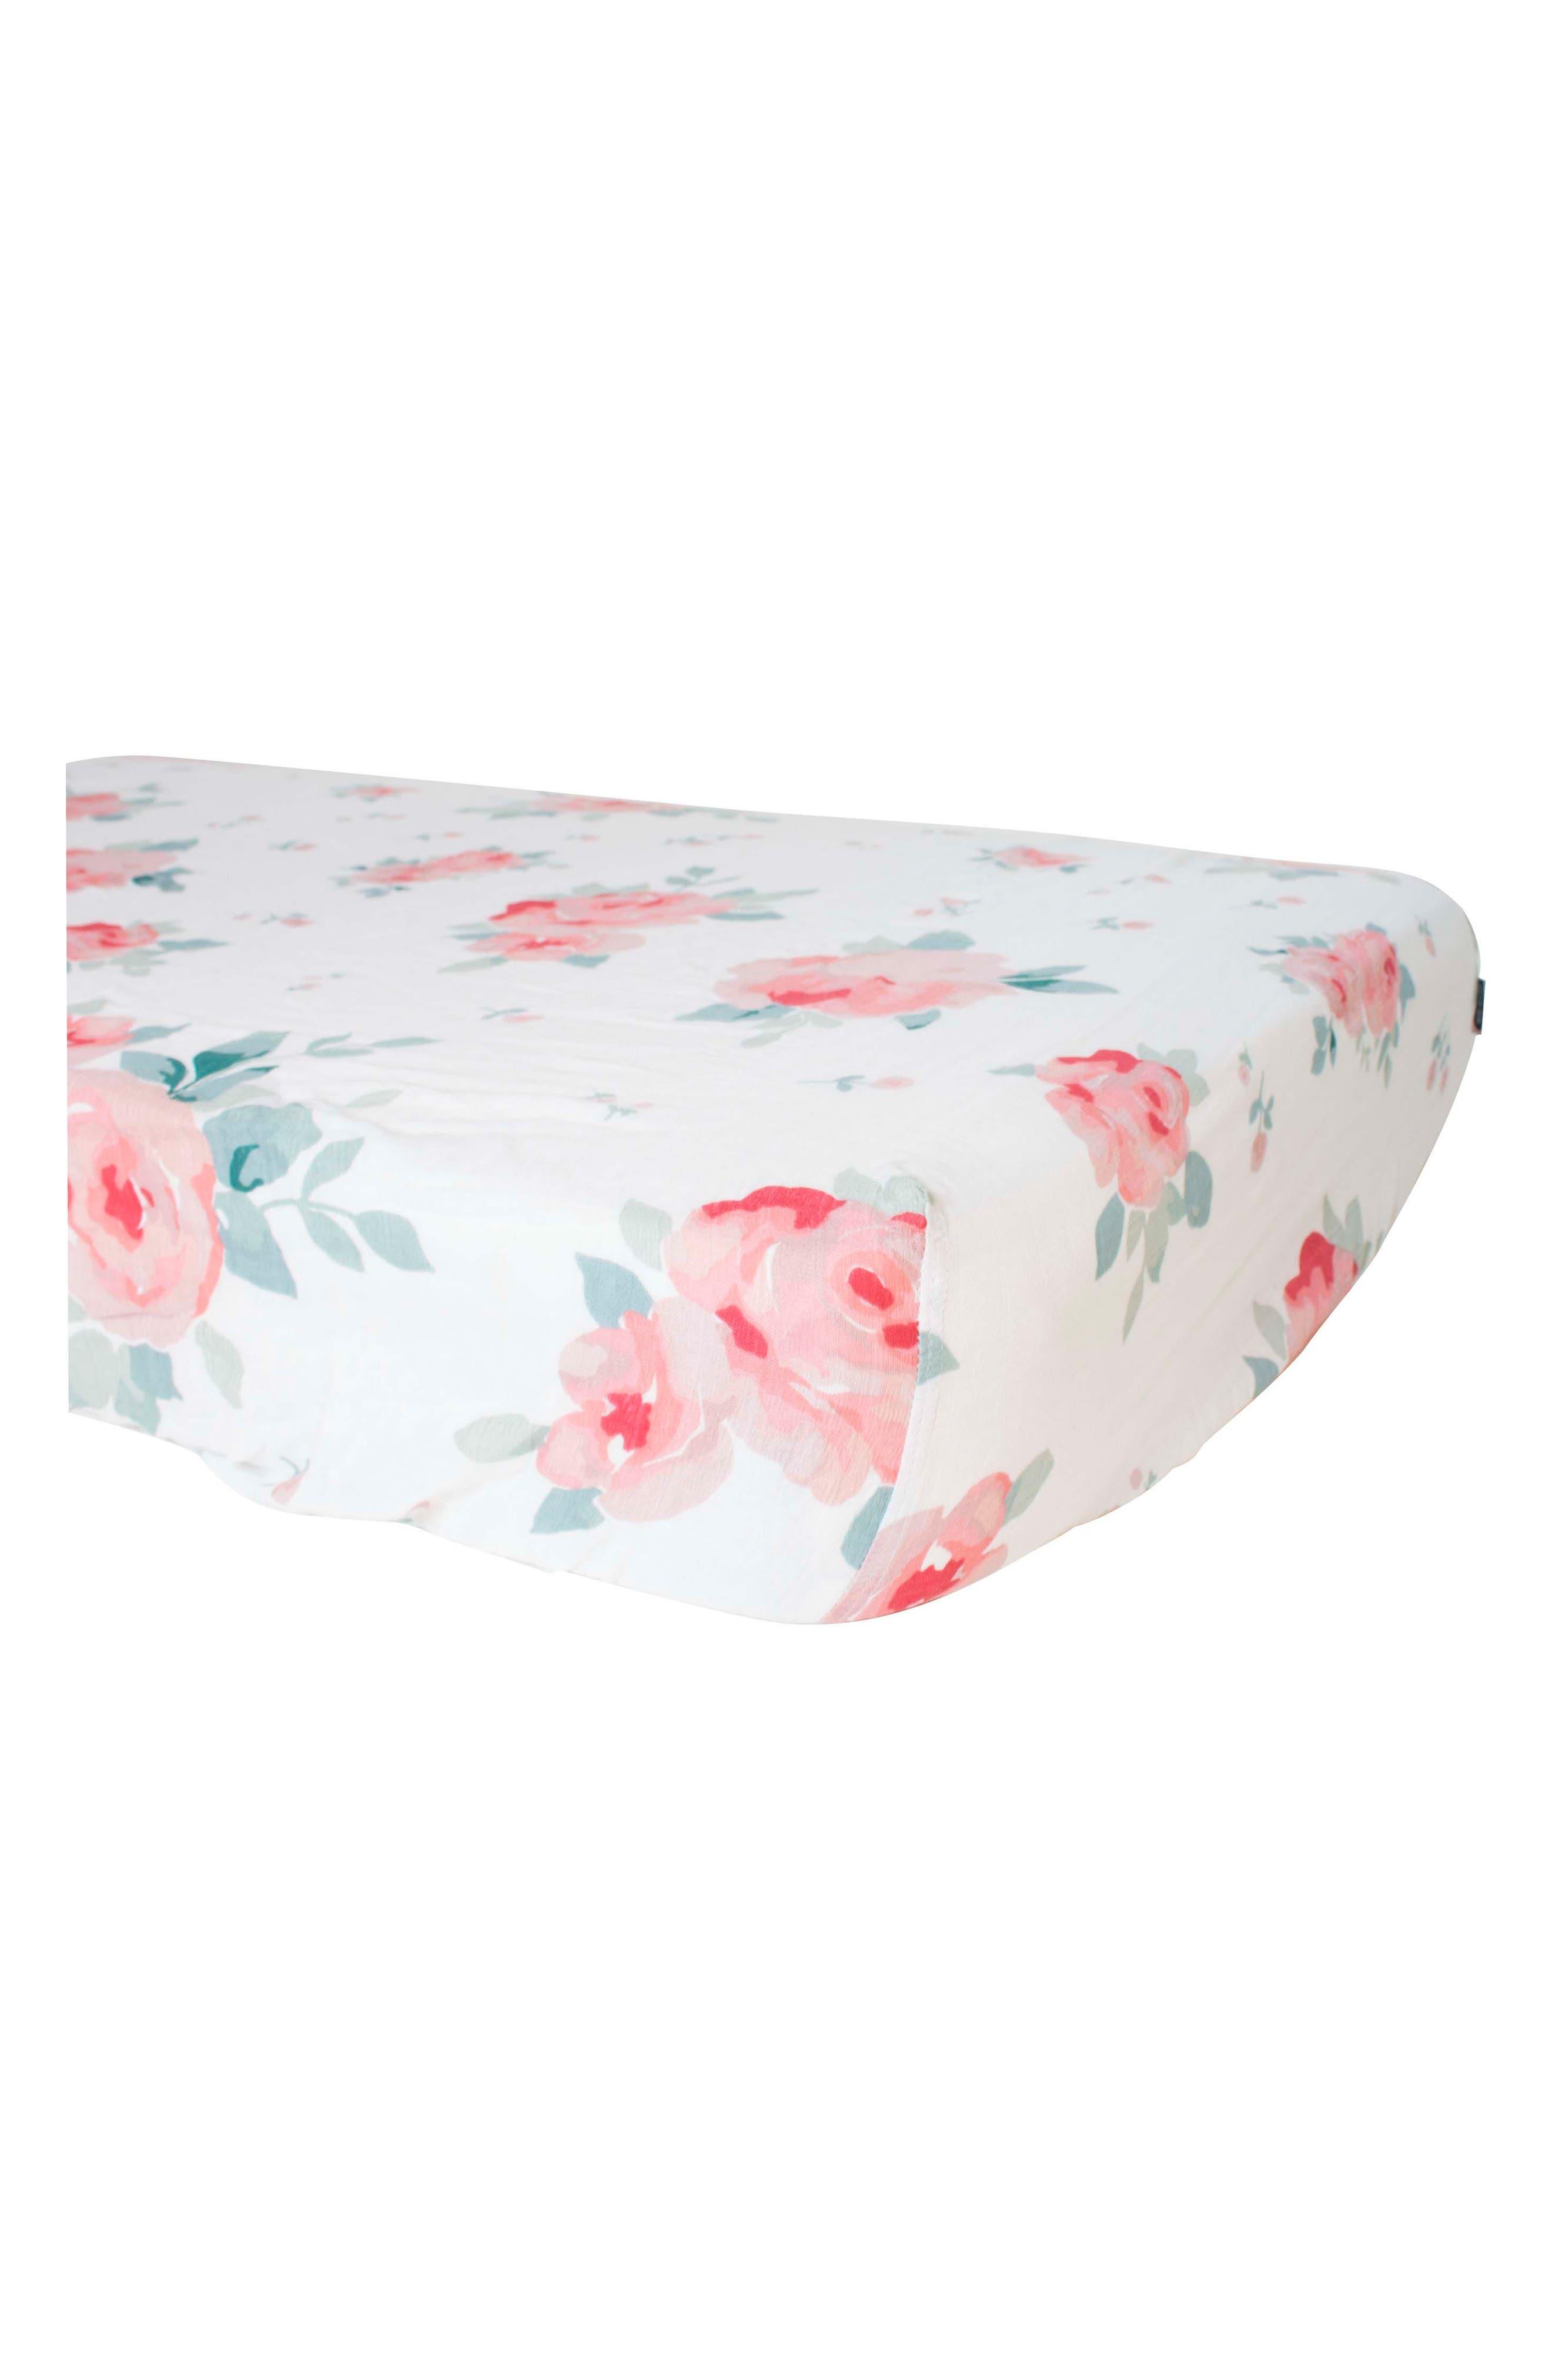 Oh So Soft Muslin Crib Sheet,                             Main thumbnail 1, color,                             ROSY